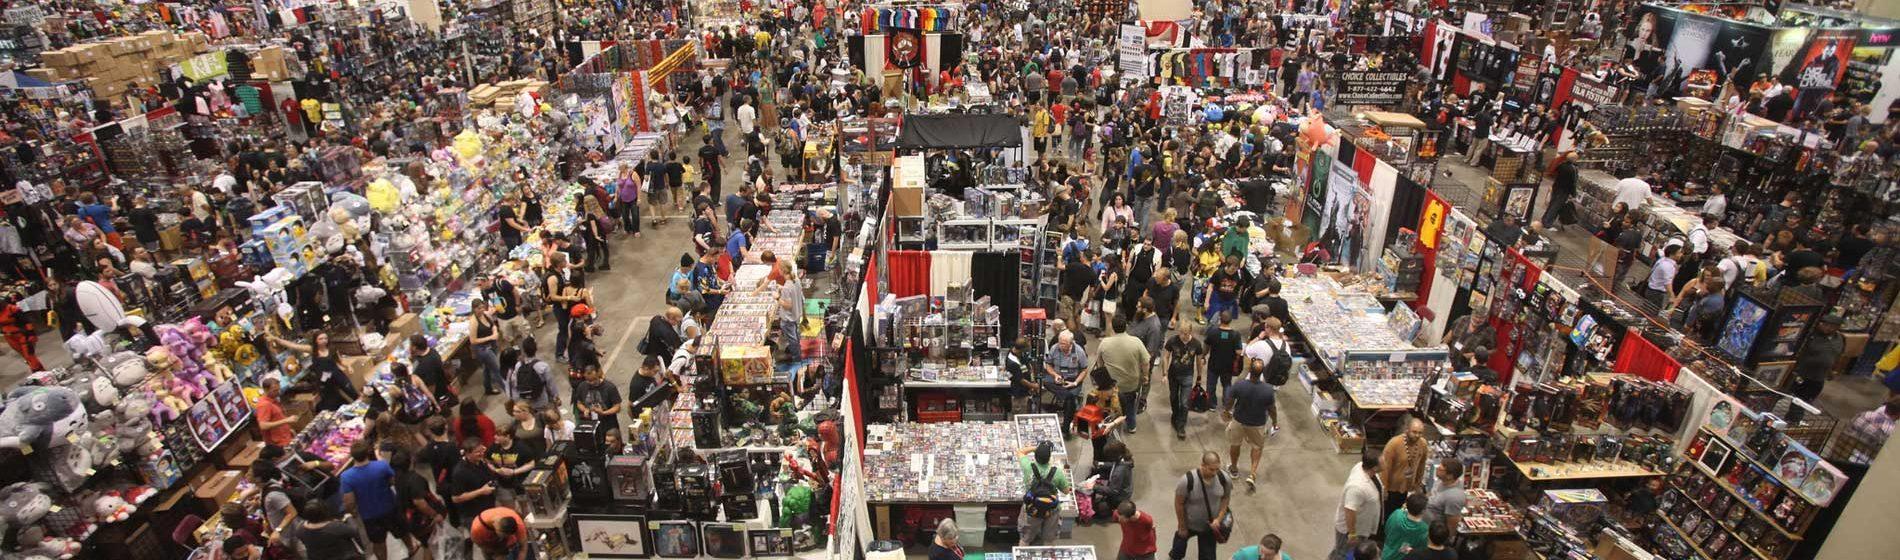 Fan Expo show floor